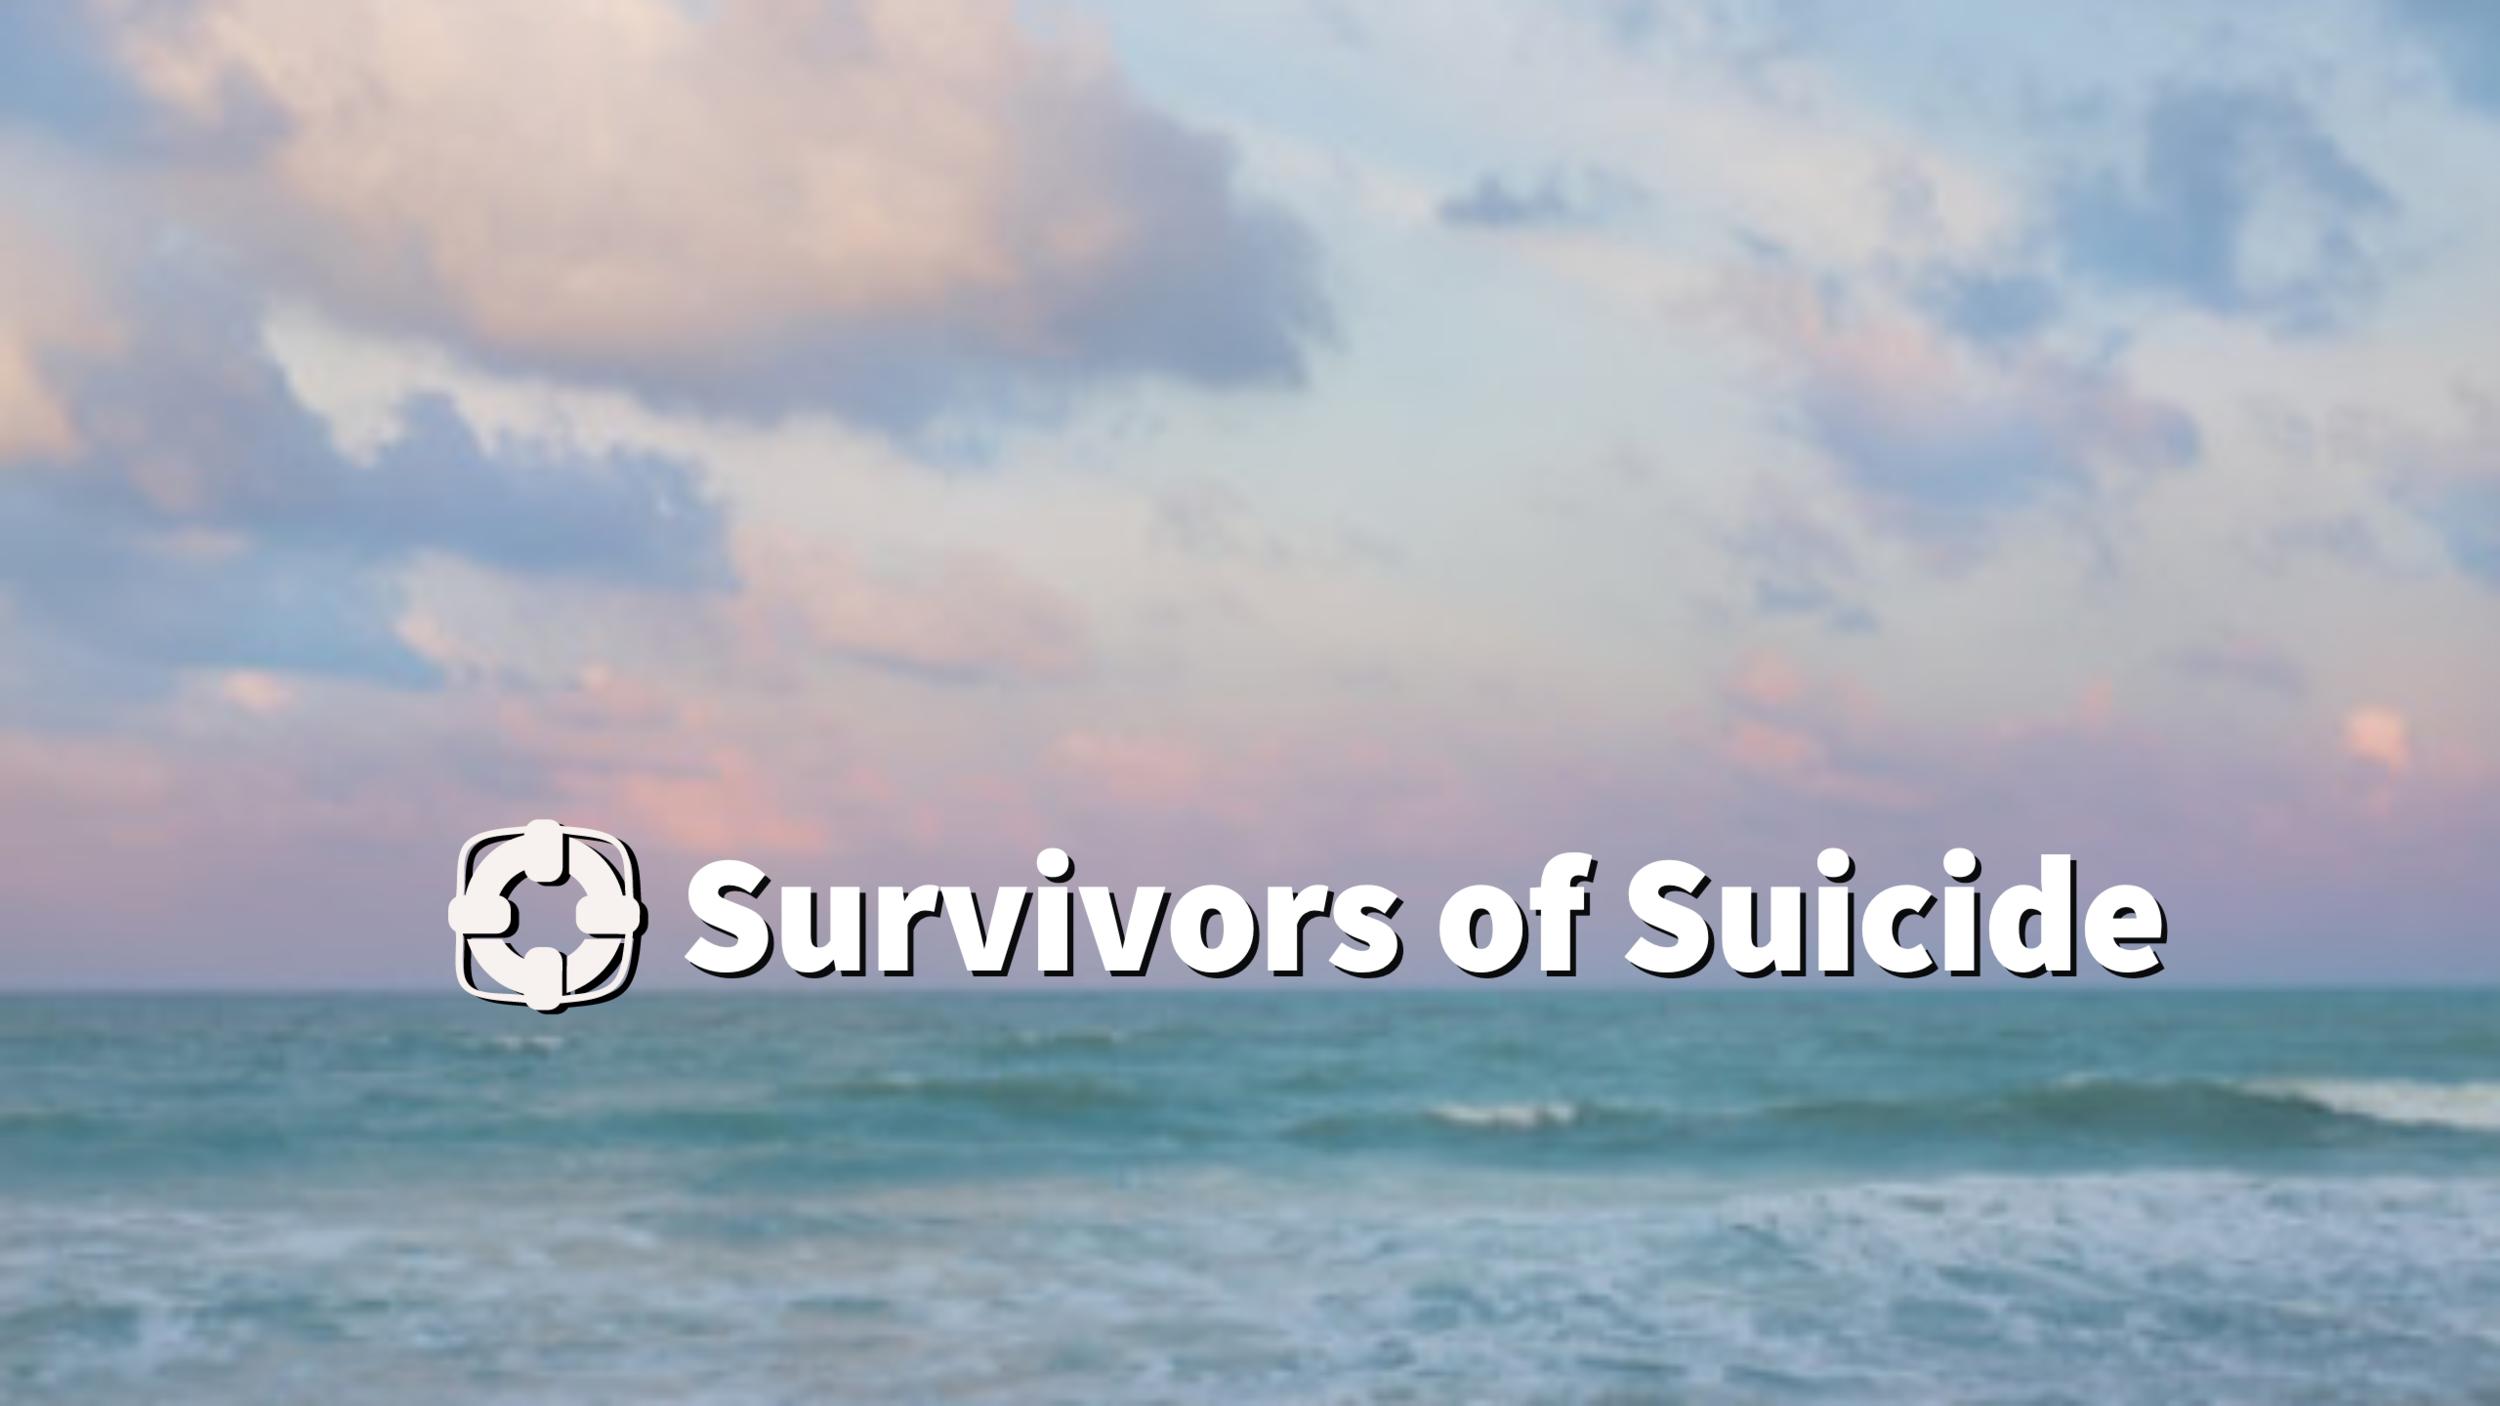 SurvivorsofSuicide.png